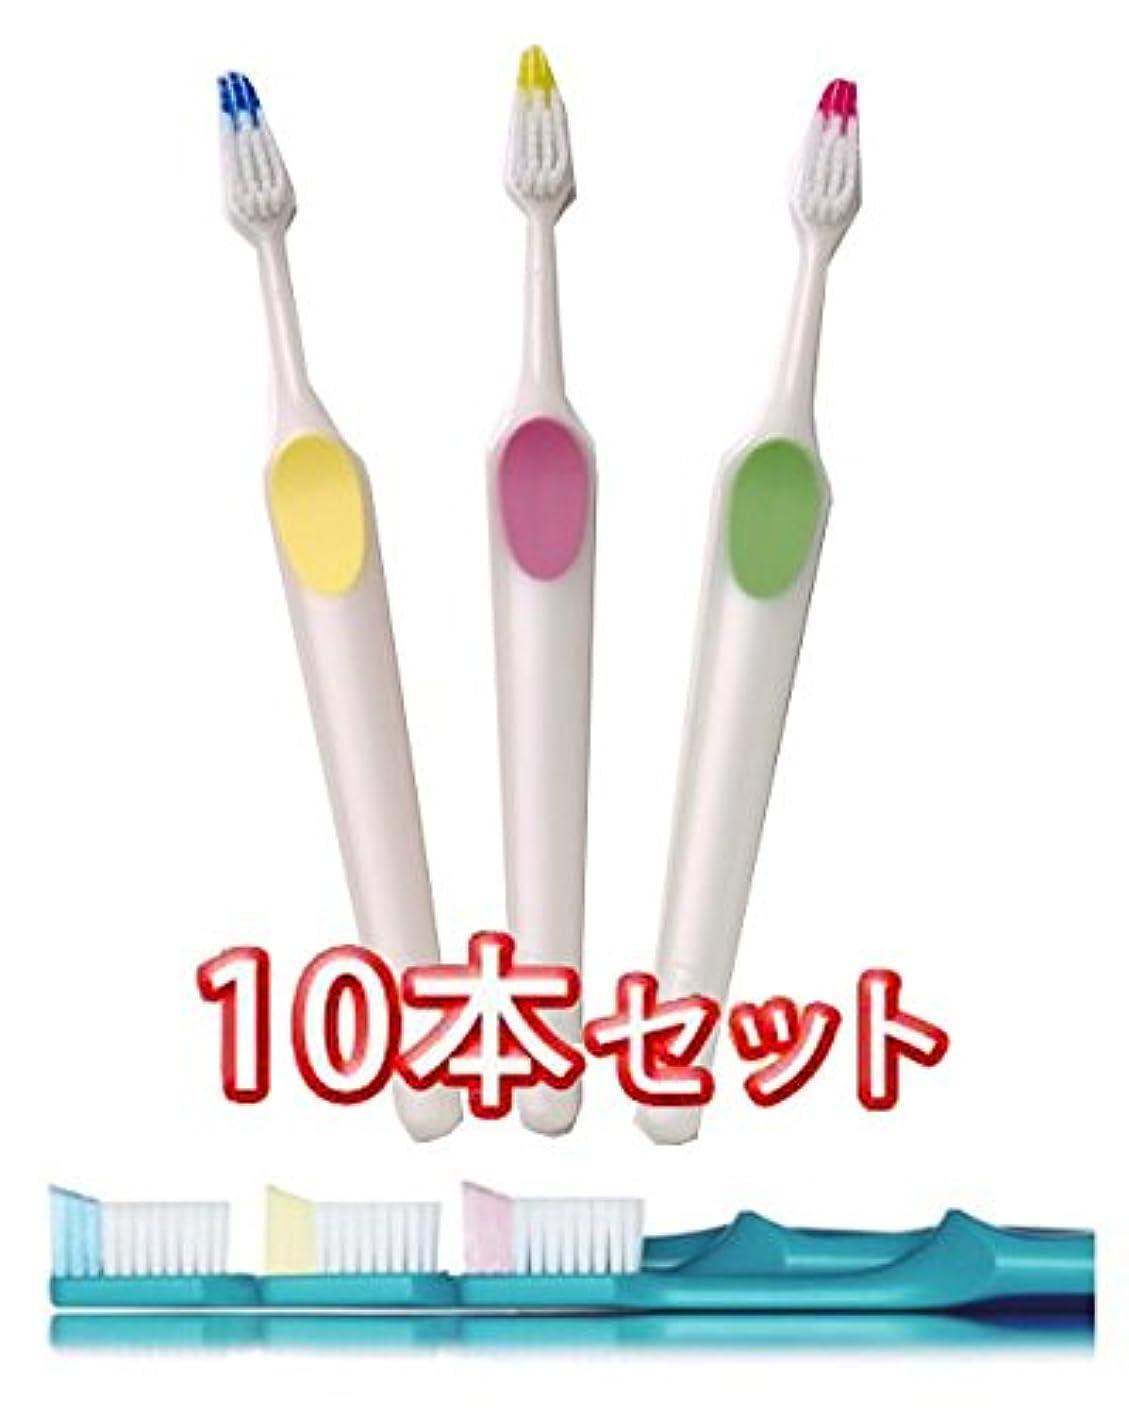 モンスターバトル放散するクロスフィールド TePe テペ ノバ(Nova) 歯ブラシ 10本 (ソフト)